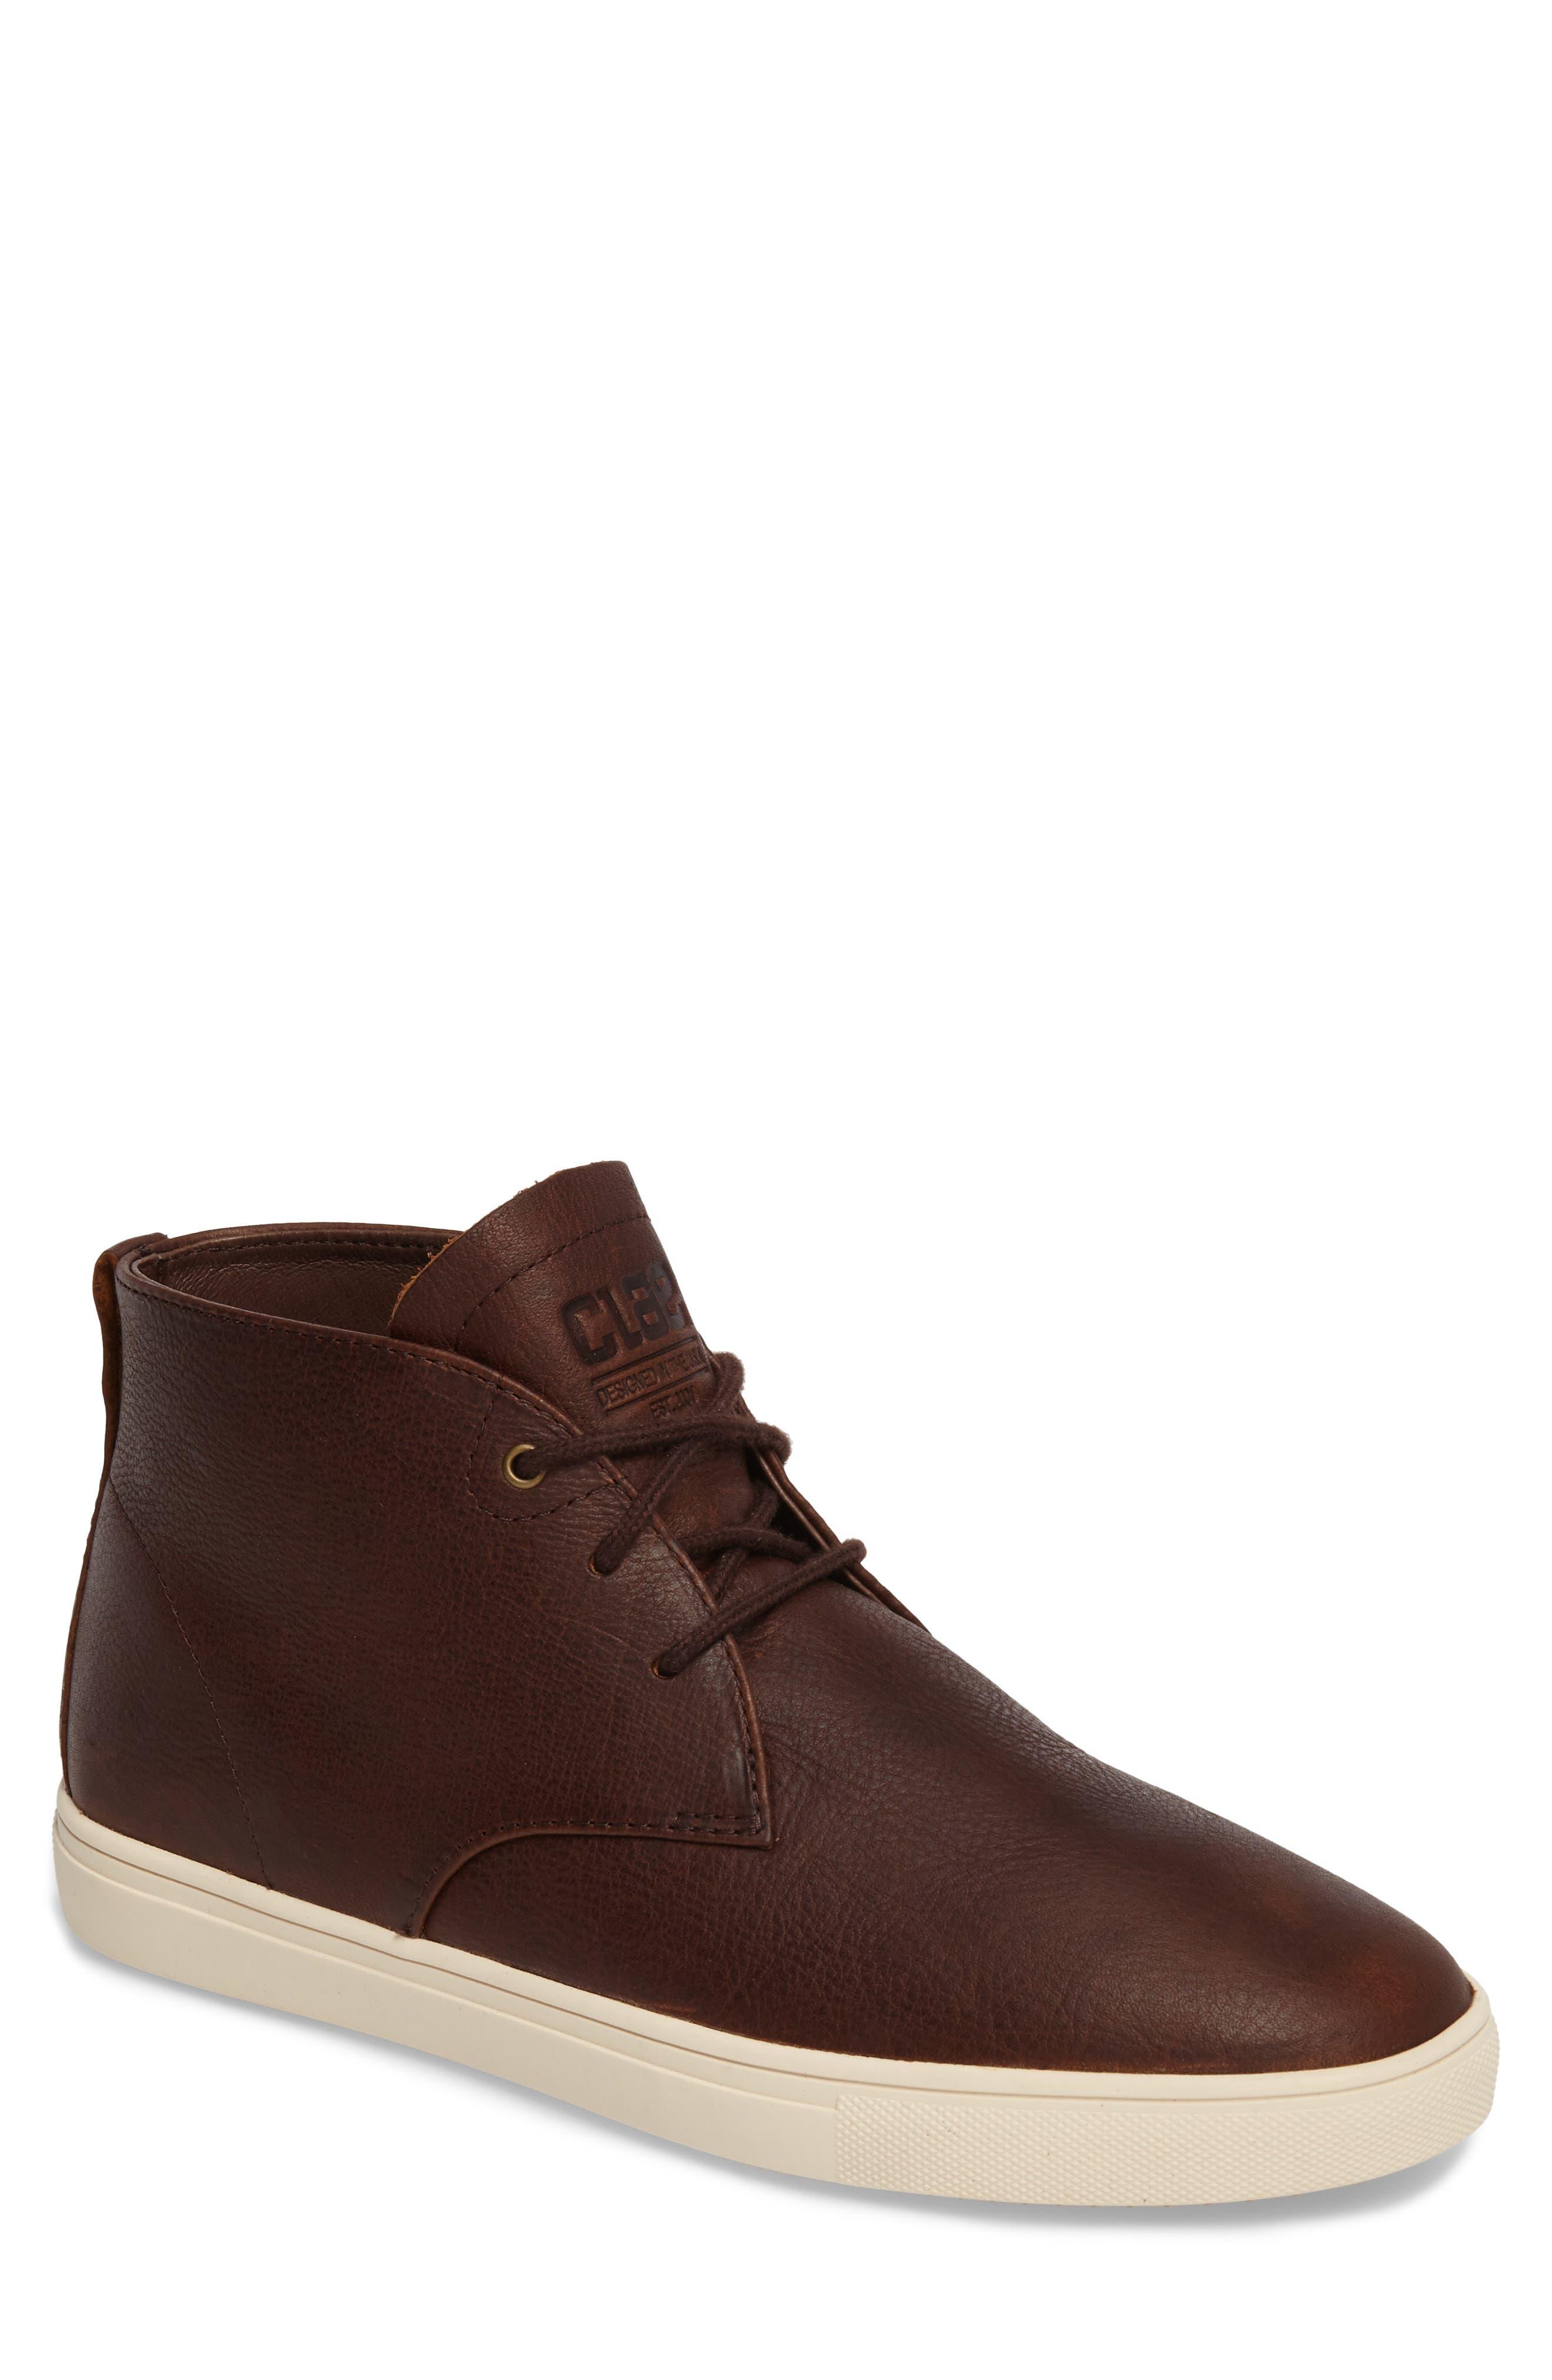 'Strayhorn SP' Chukka Boot,                         Main,                         color, COCOA LEATHER